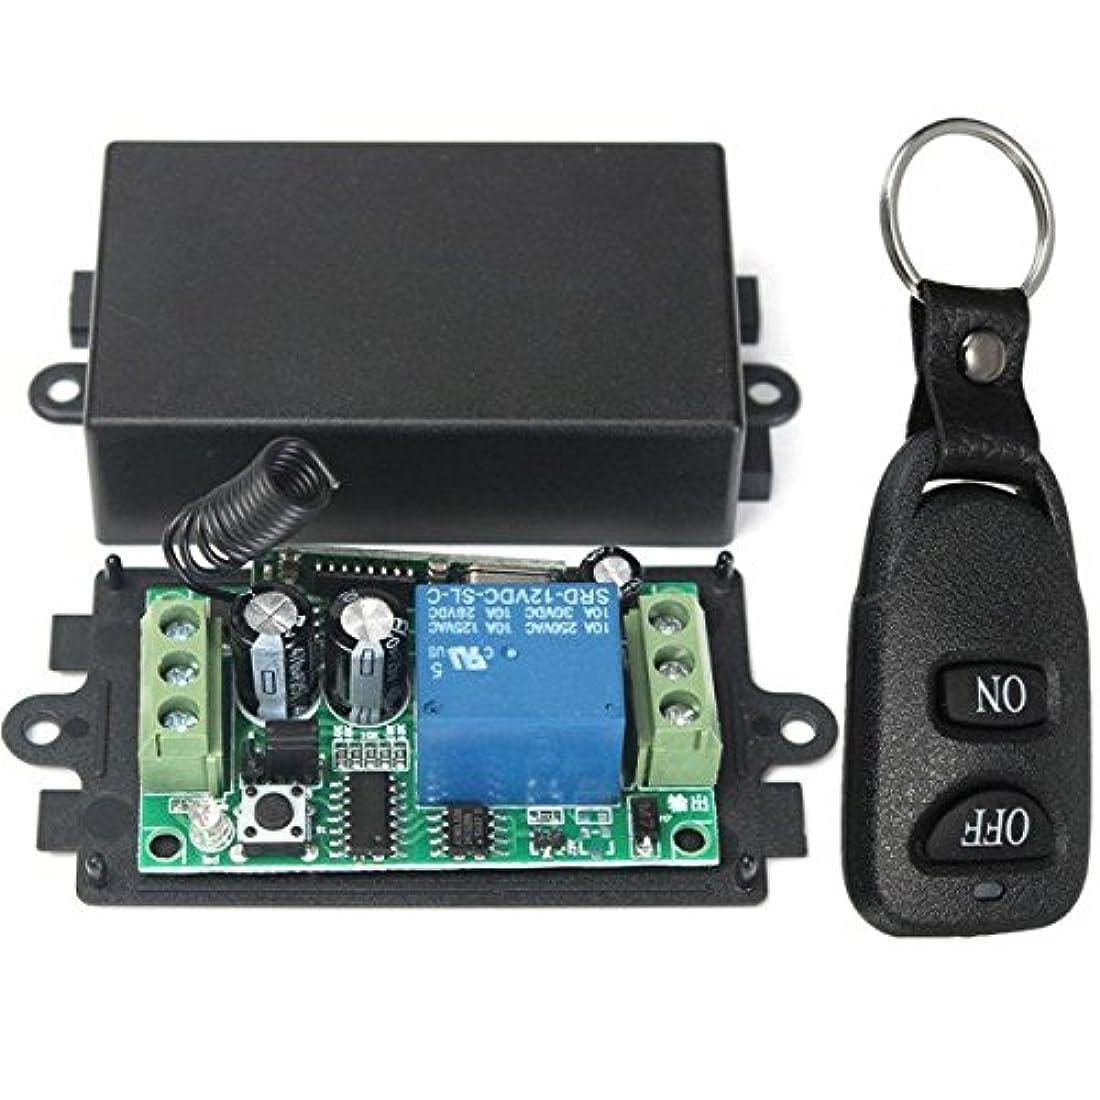 味付けとても多くの楽観的DantiアルミニウムリモートキーFobカバーケーススキンシェルFob保護ハルfor Jeep Wrangler JK/コンパス2008 -2015とPatriot 2011 – 2016 For JK Remote Key Cover Silver シルバー MMR-YSK-silver